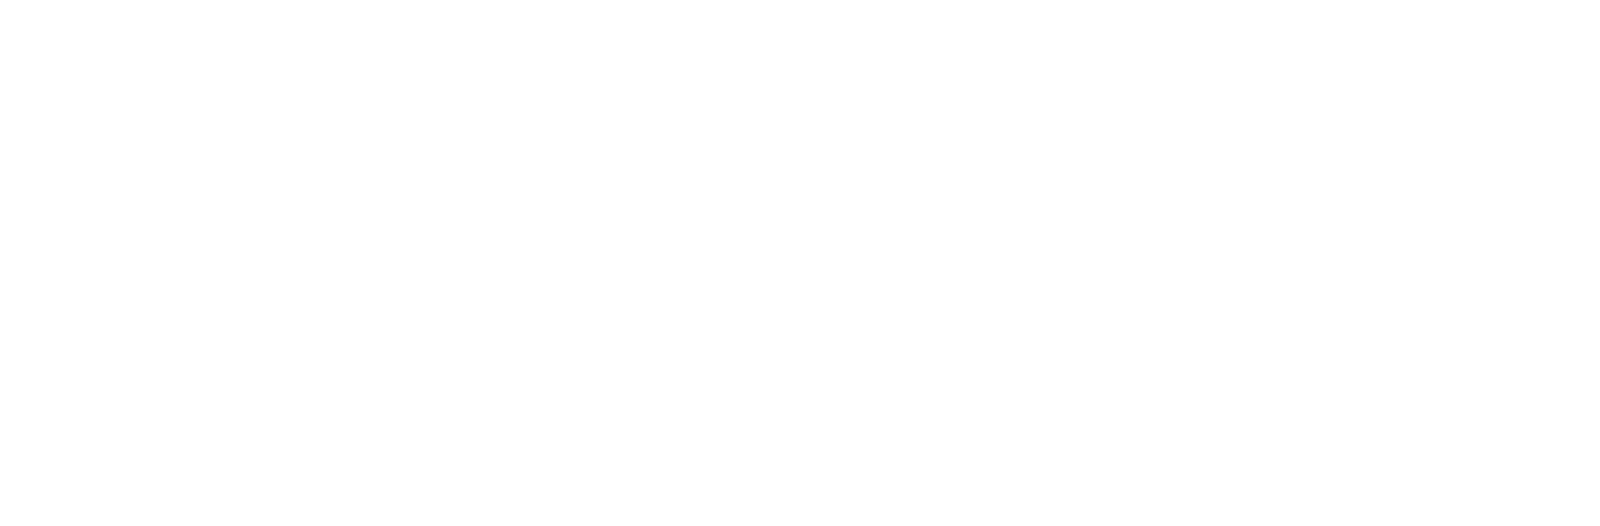 Qualifizierungsmassnahme Logo